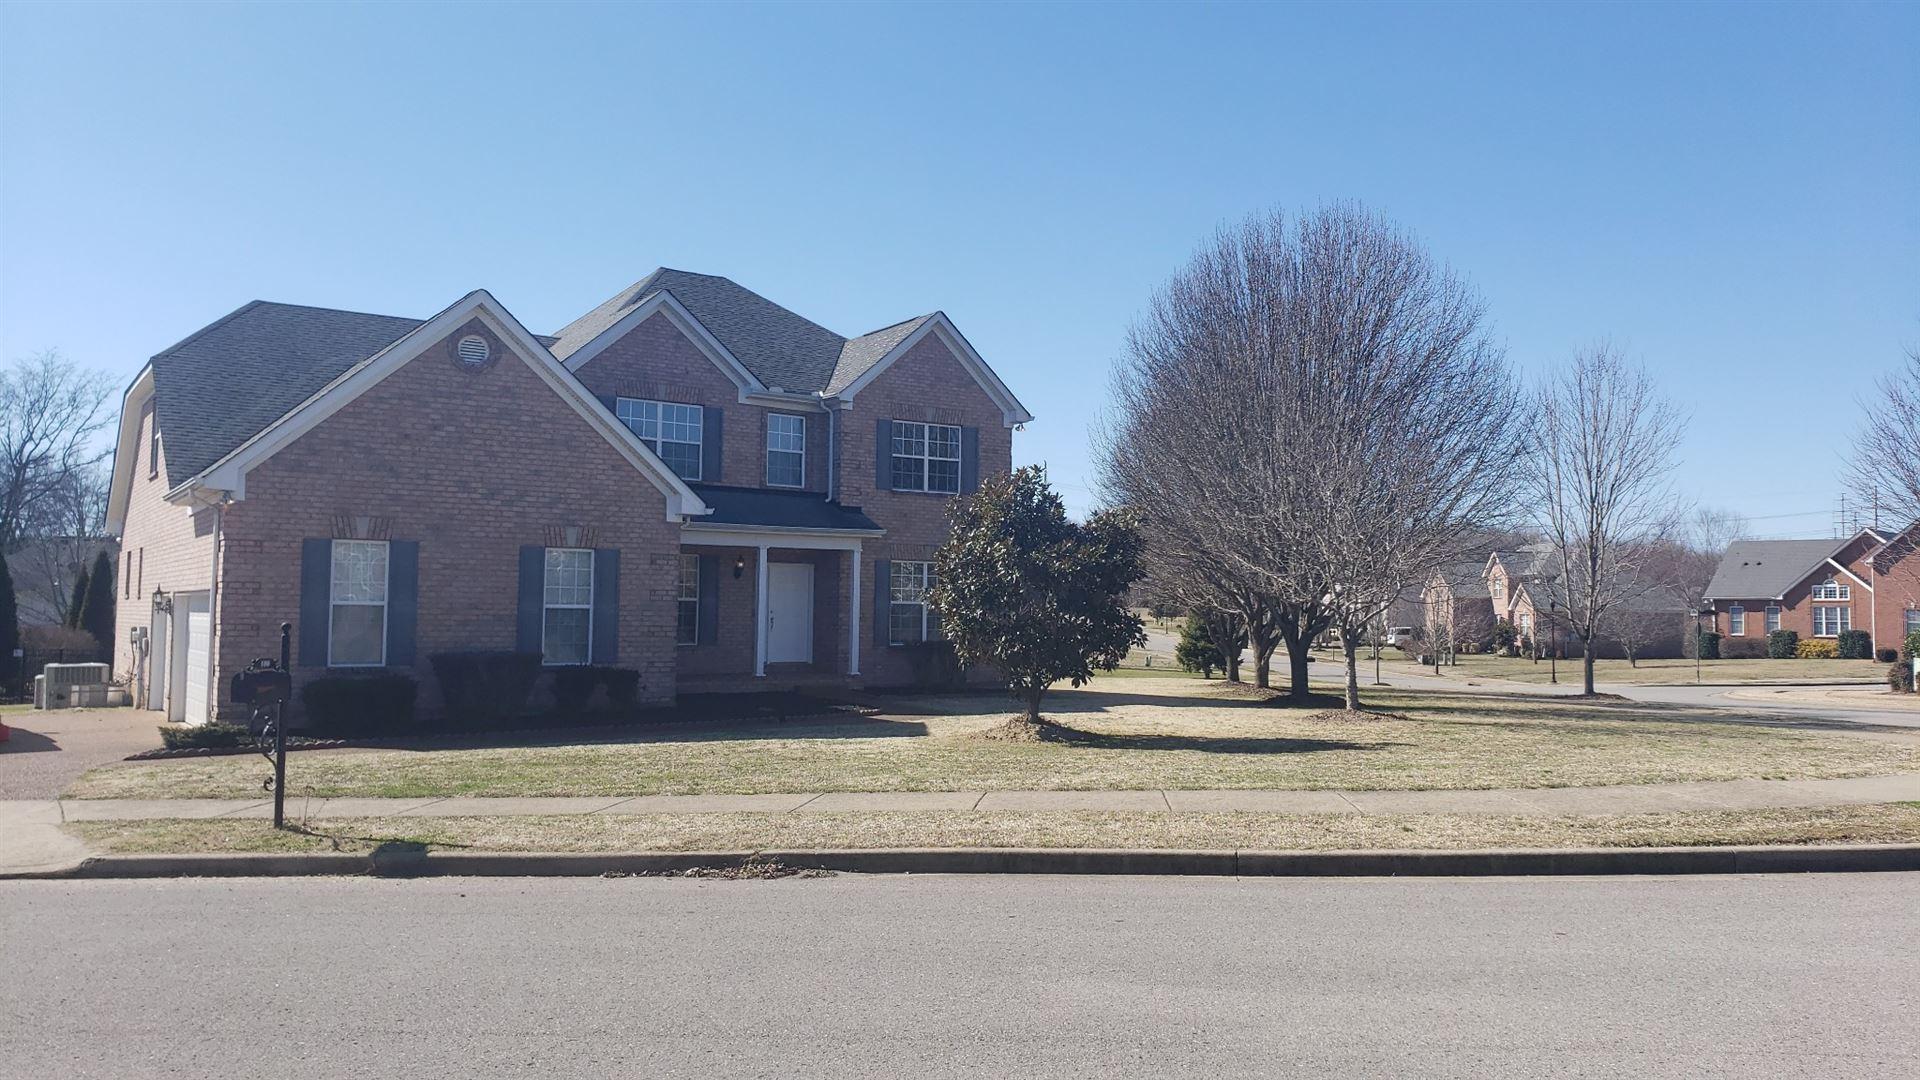 100 Berrington Ct, Hendersonville, TN 37075 - MLS#: 2233282